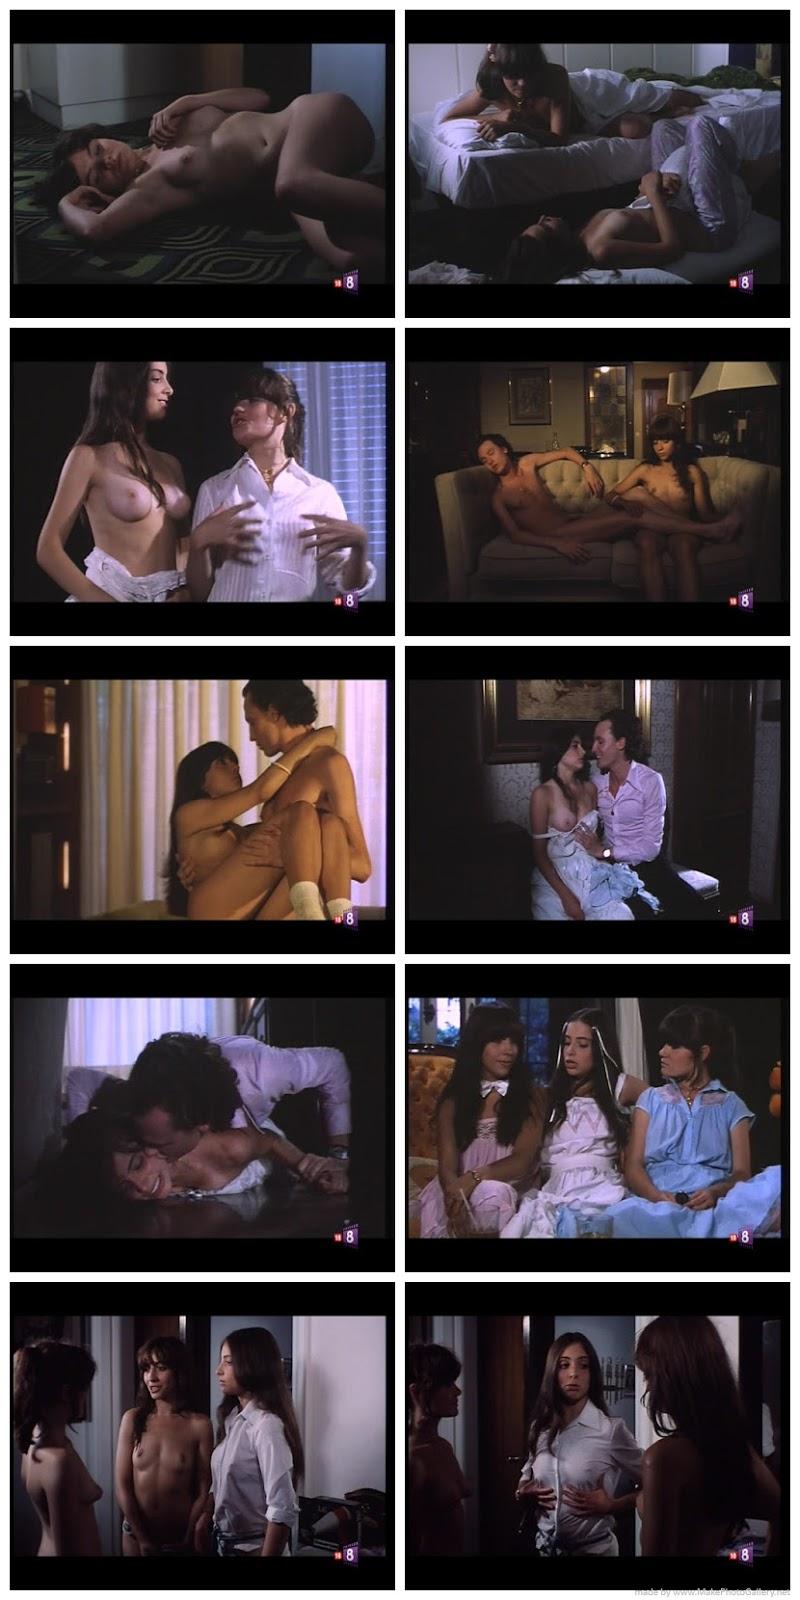 Peliculas porno anos 1978 Las Que Empiezan A Los Quince Anos 1978 Erogarga Watch Free Vintage Porn Movies Retro Sex Videos Mobile Porn